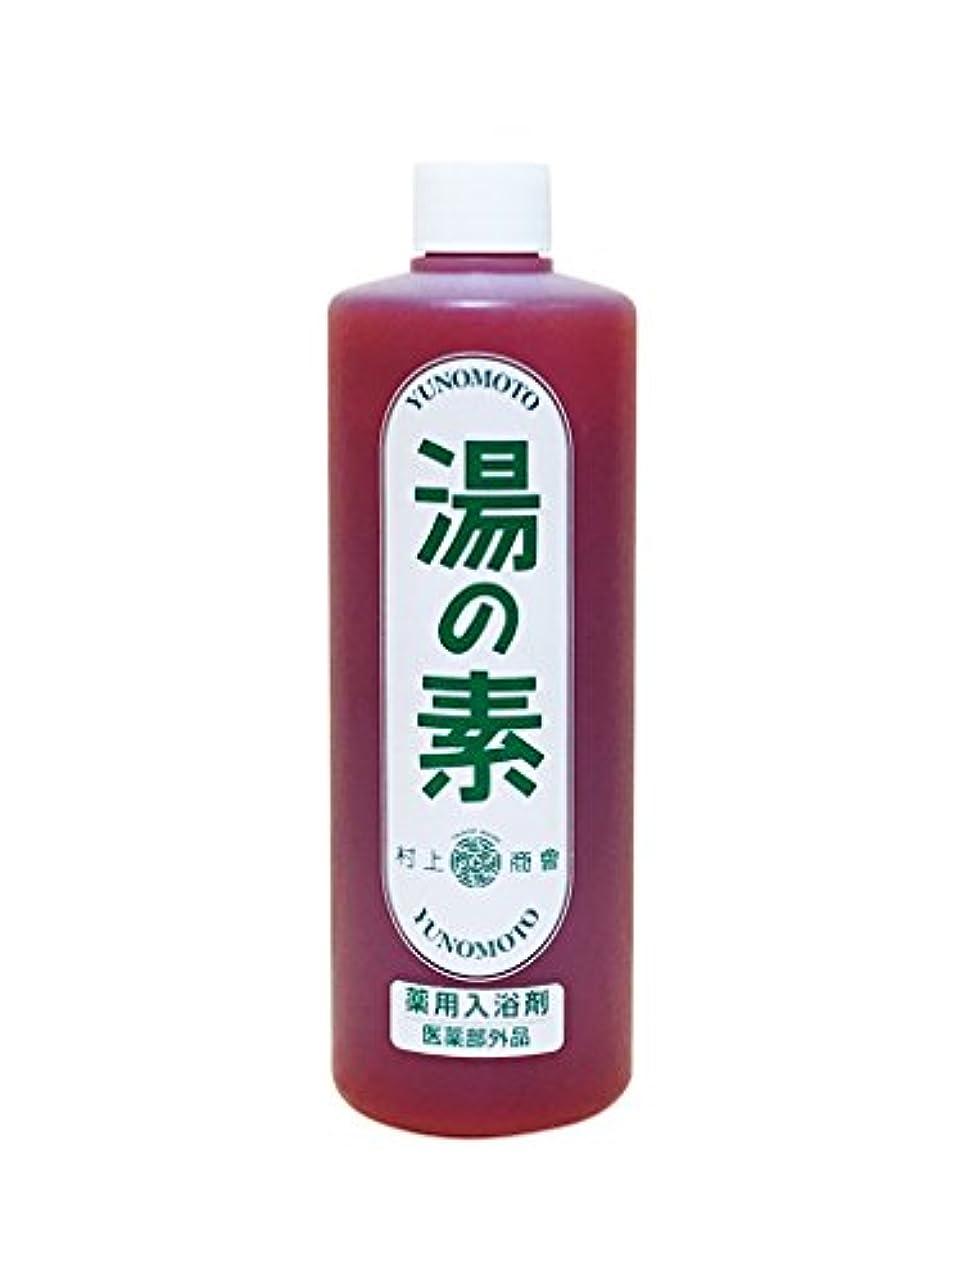 バラエティ現実には巨人硫黄乳白色湯 湯の素 薬用入浴剤 (医薬部外品) 490g